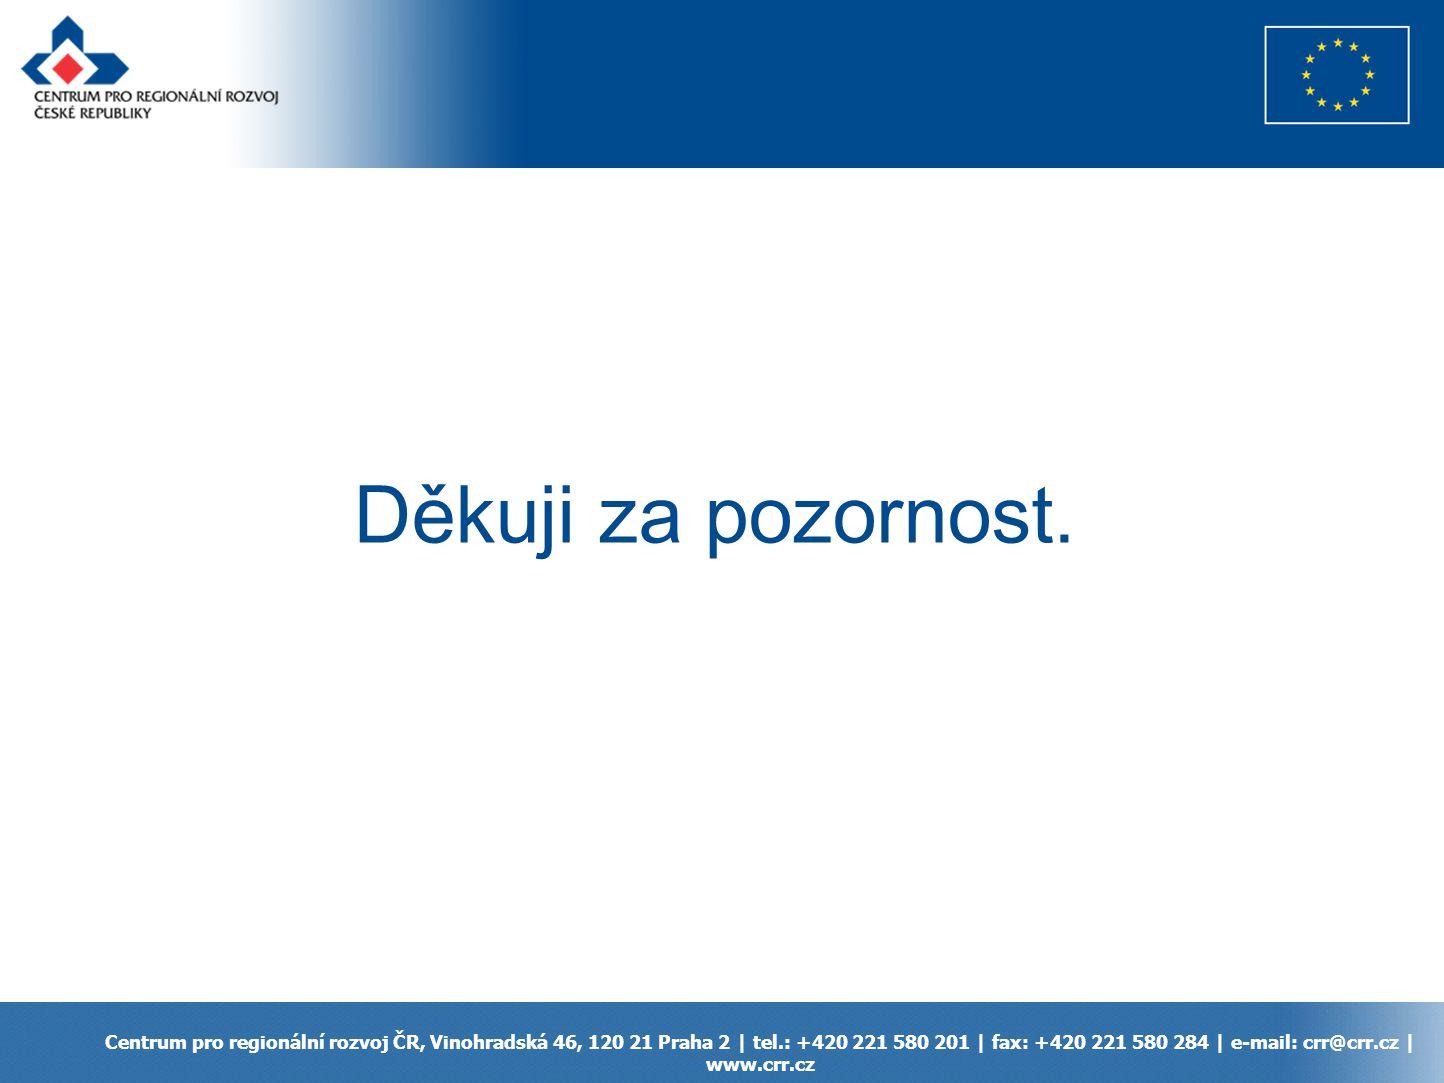 Centrum pro regionální rozvoj ČR, Vinohradská 46, 120 21 Praha 2 | tel.: +420 221 580 201 | fax: +420 221 580 284 | e-mail: crr@crr.cz | www.crr.cz Děkuji za pozornost.